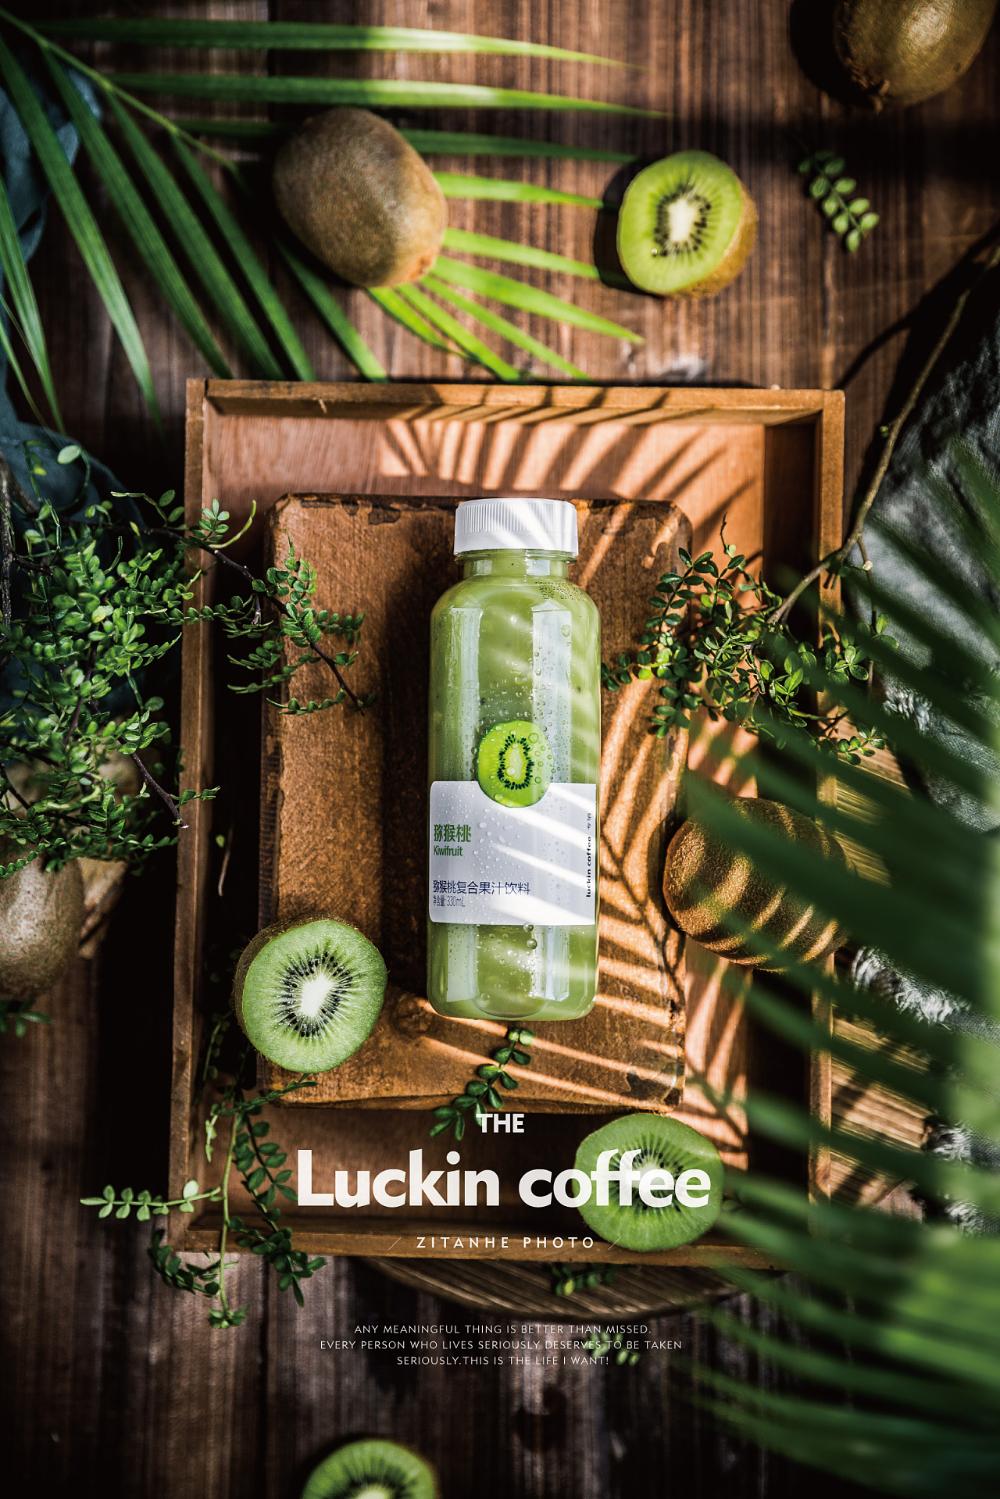 Luckin coffee的NFC果汁拍摄摄影静物子弹zitanhe 原创作品 站酷 (ZCOOL